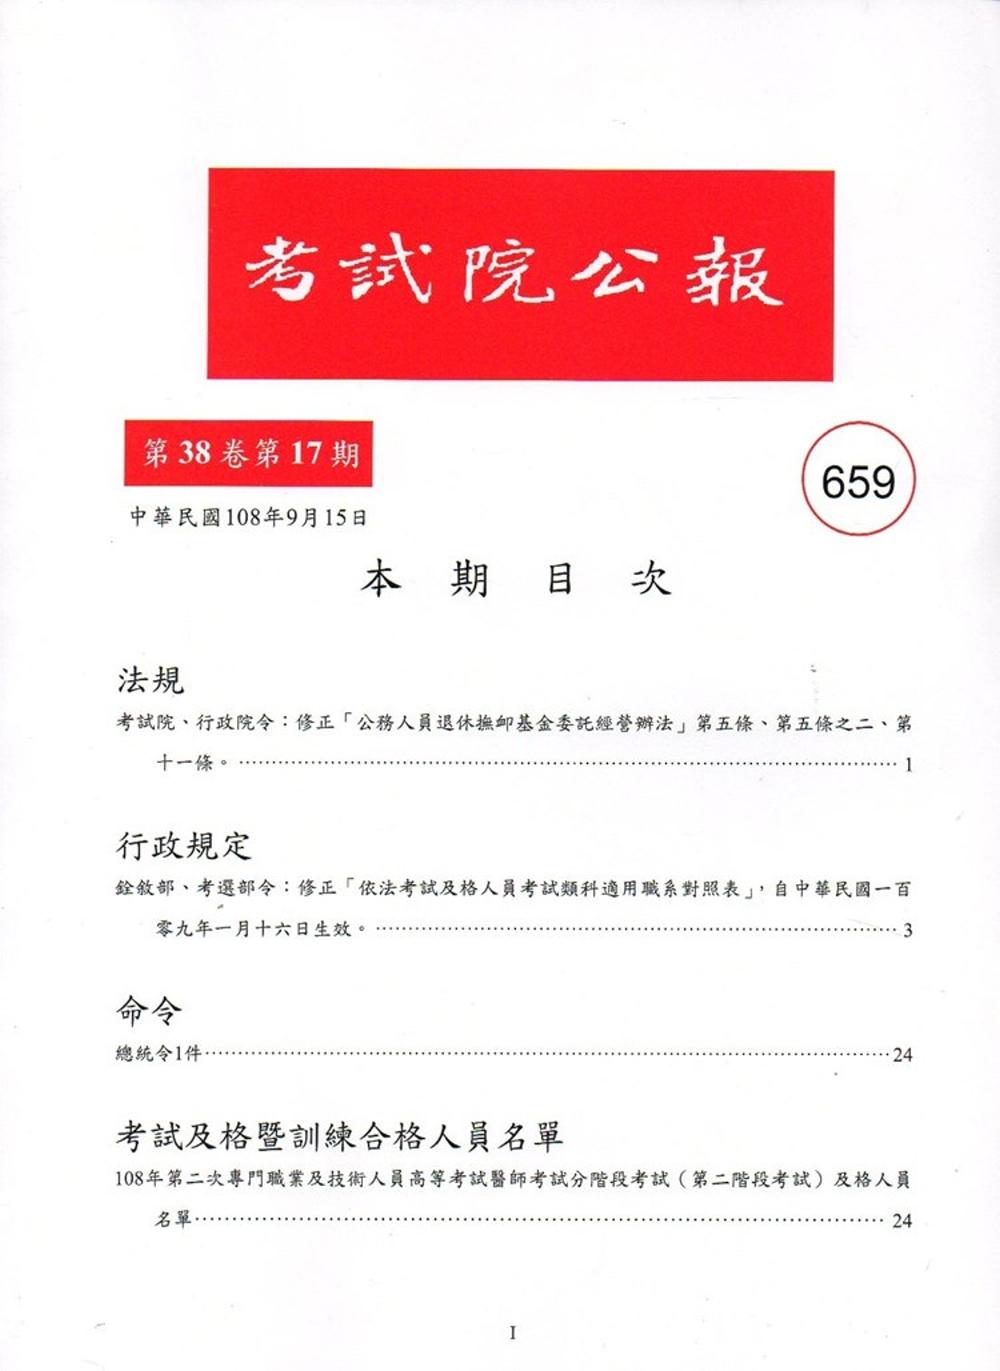 考試院公報第38卷17期-659